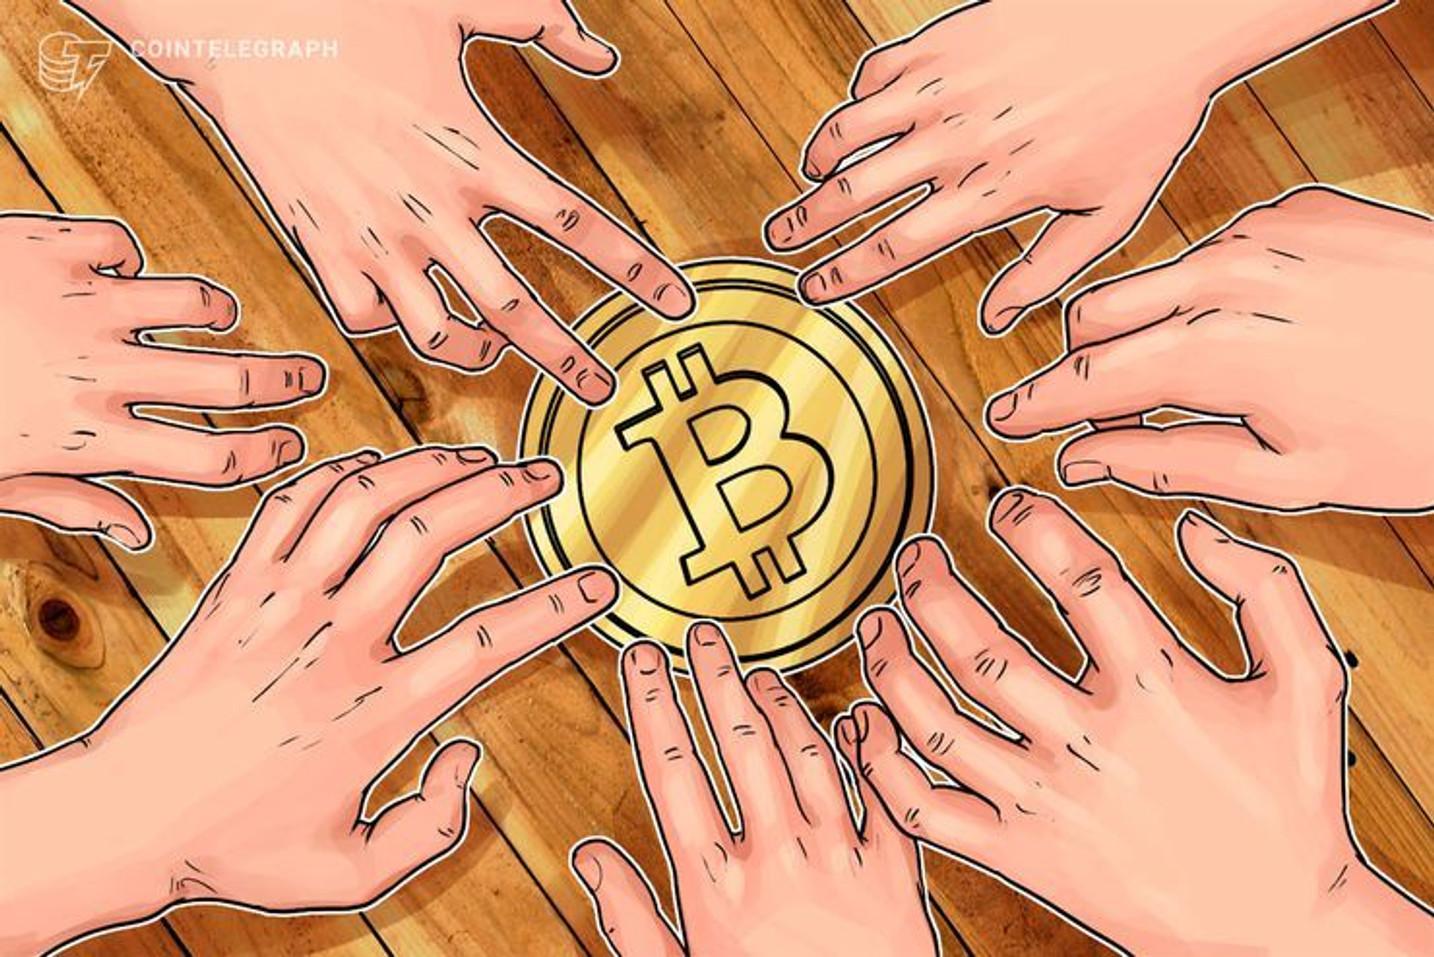 Escritório de advocacia Hermida Maia: Como funcionou o suposto esquema do Grupo Bitcoin Banco?